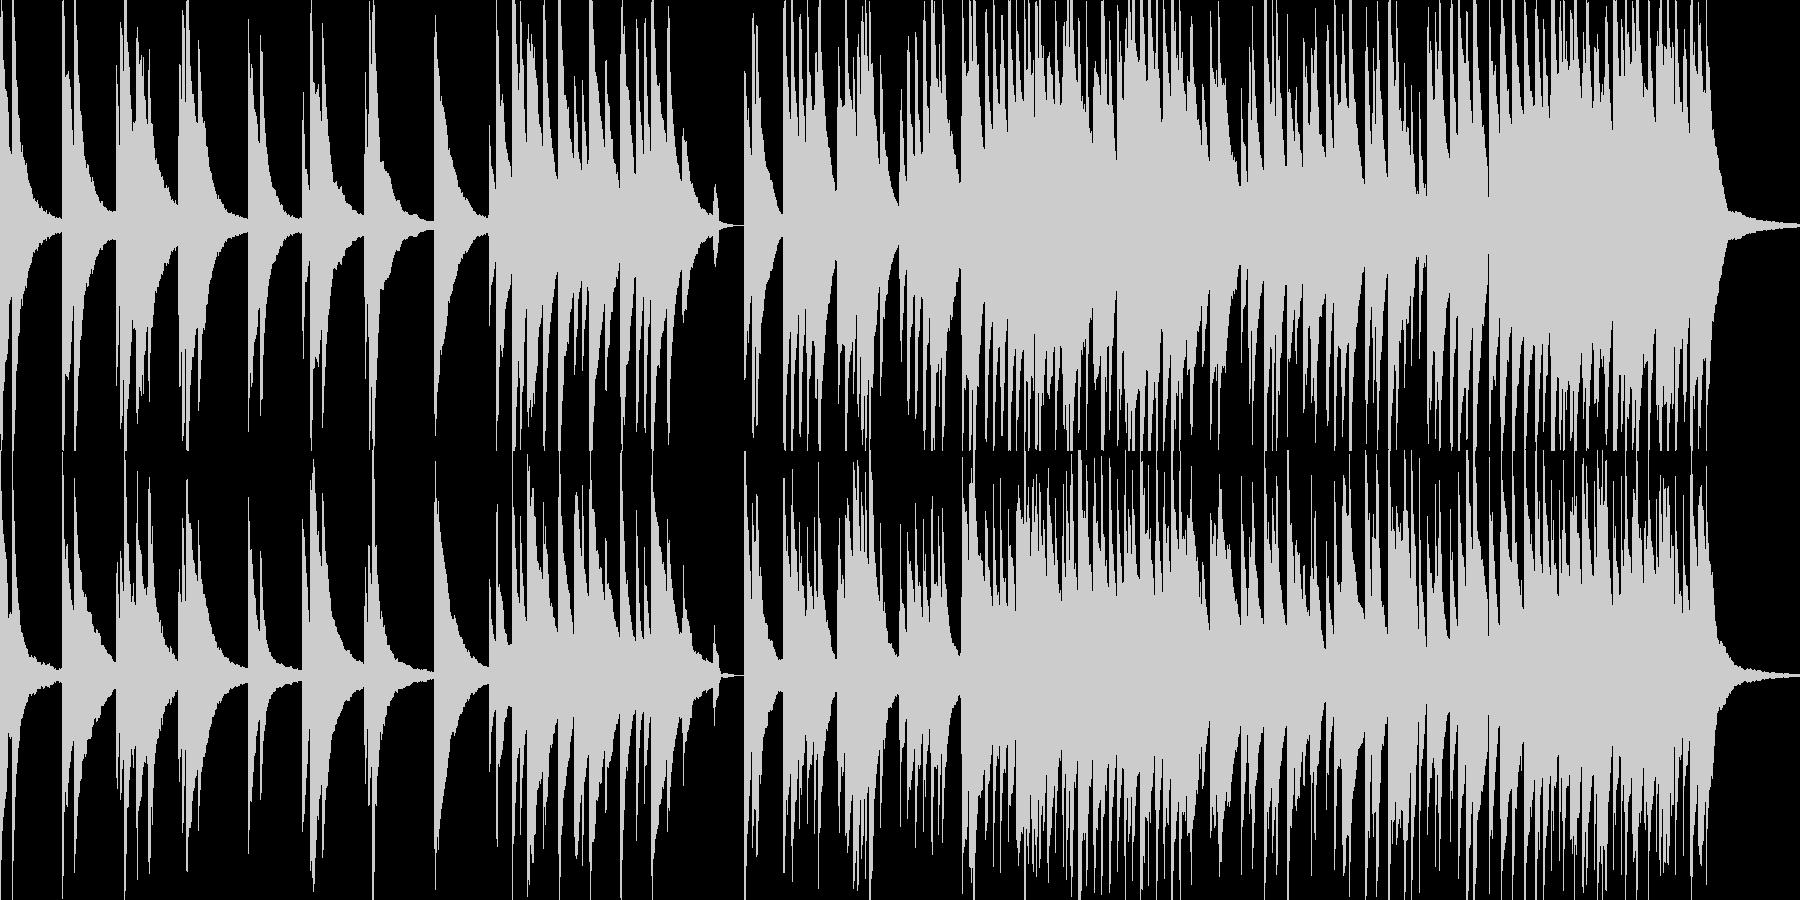 悲哀感のあるピアノソロの未再生の波形